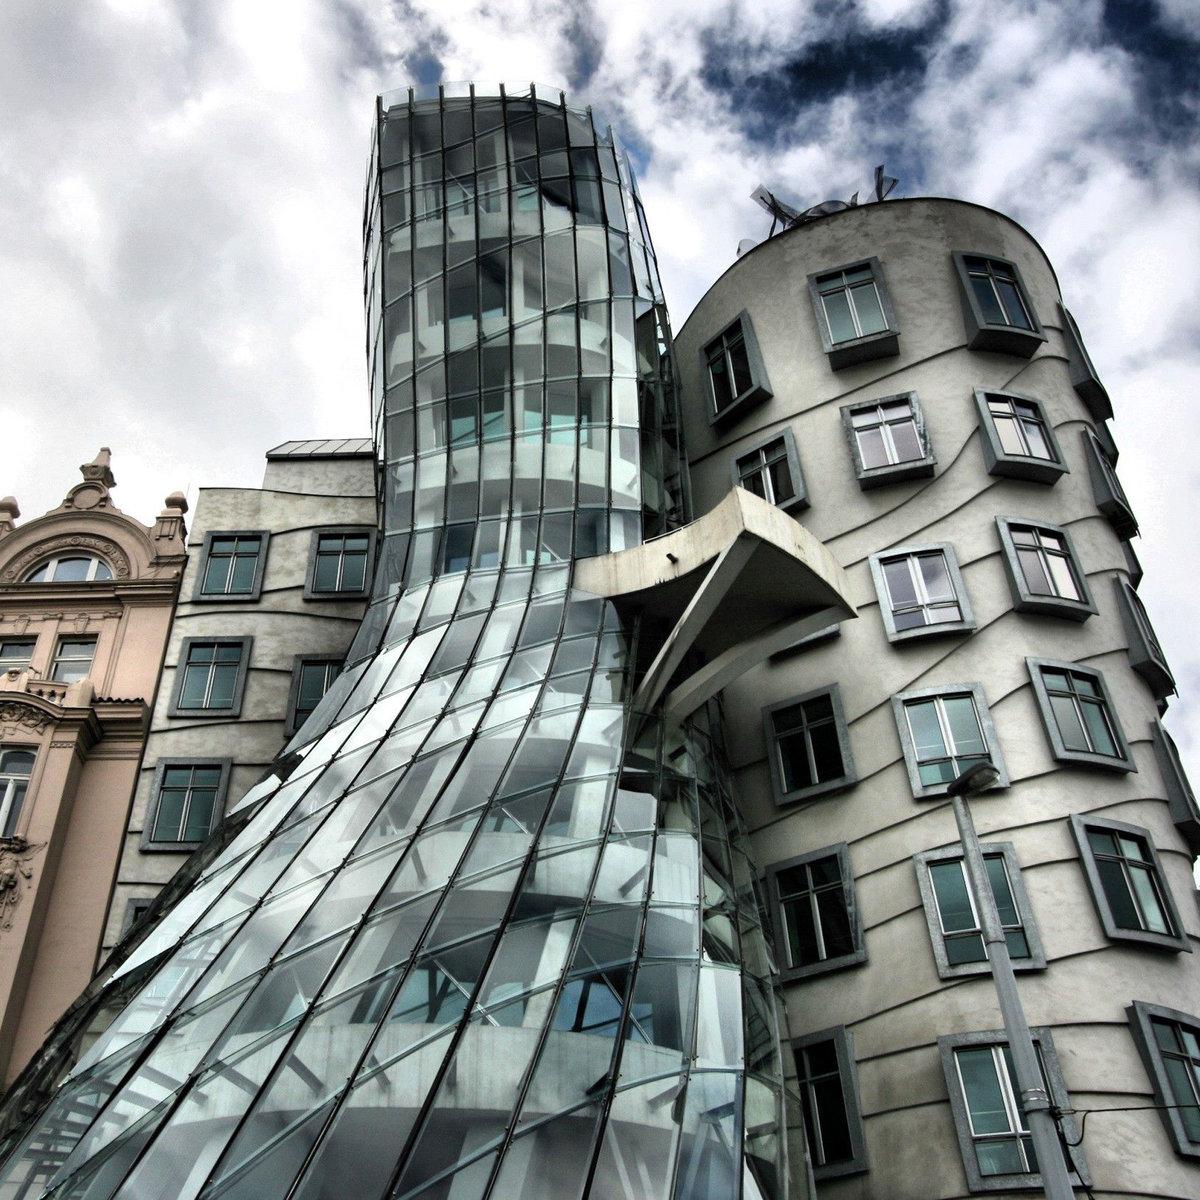 другом листке фотография интересного здания или архитектуры здание